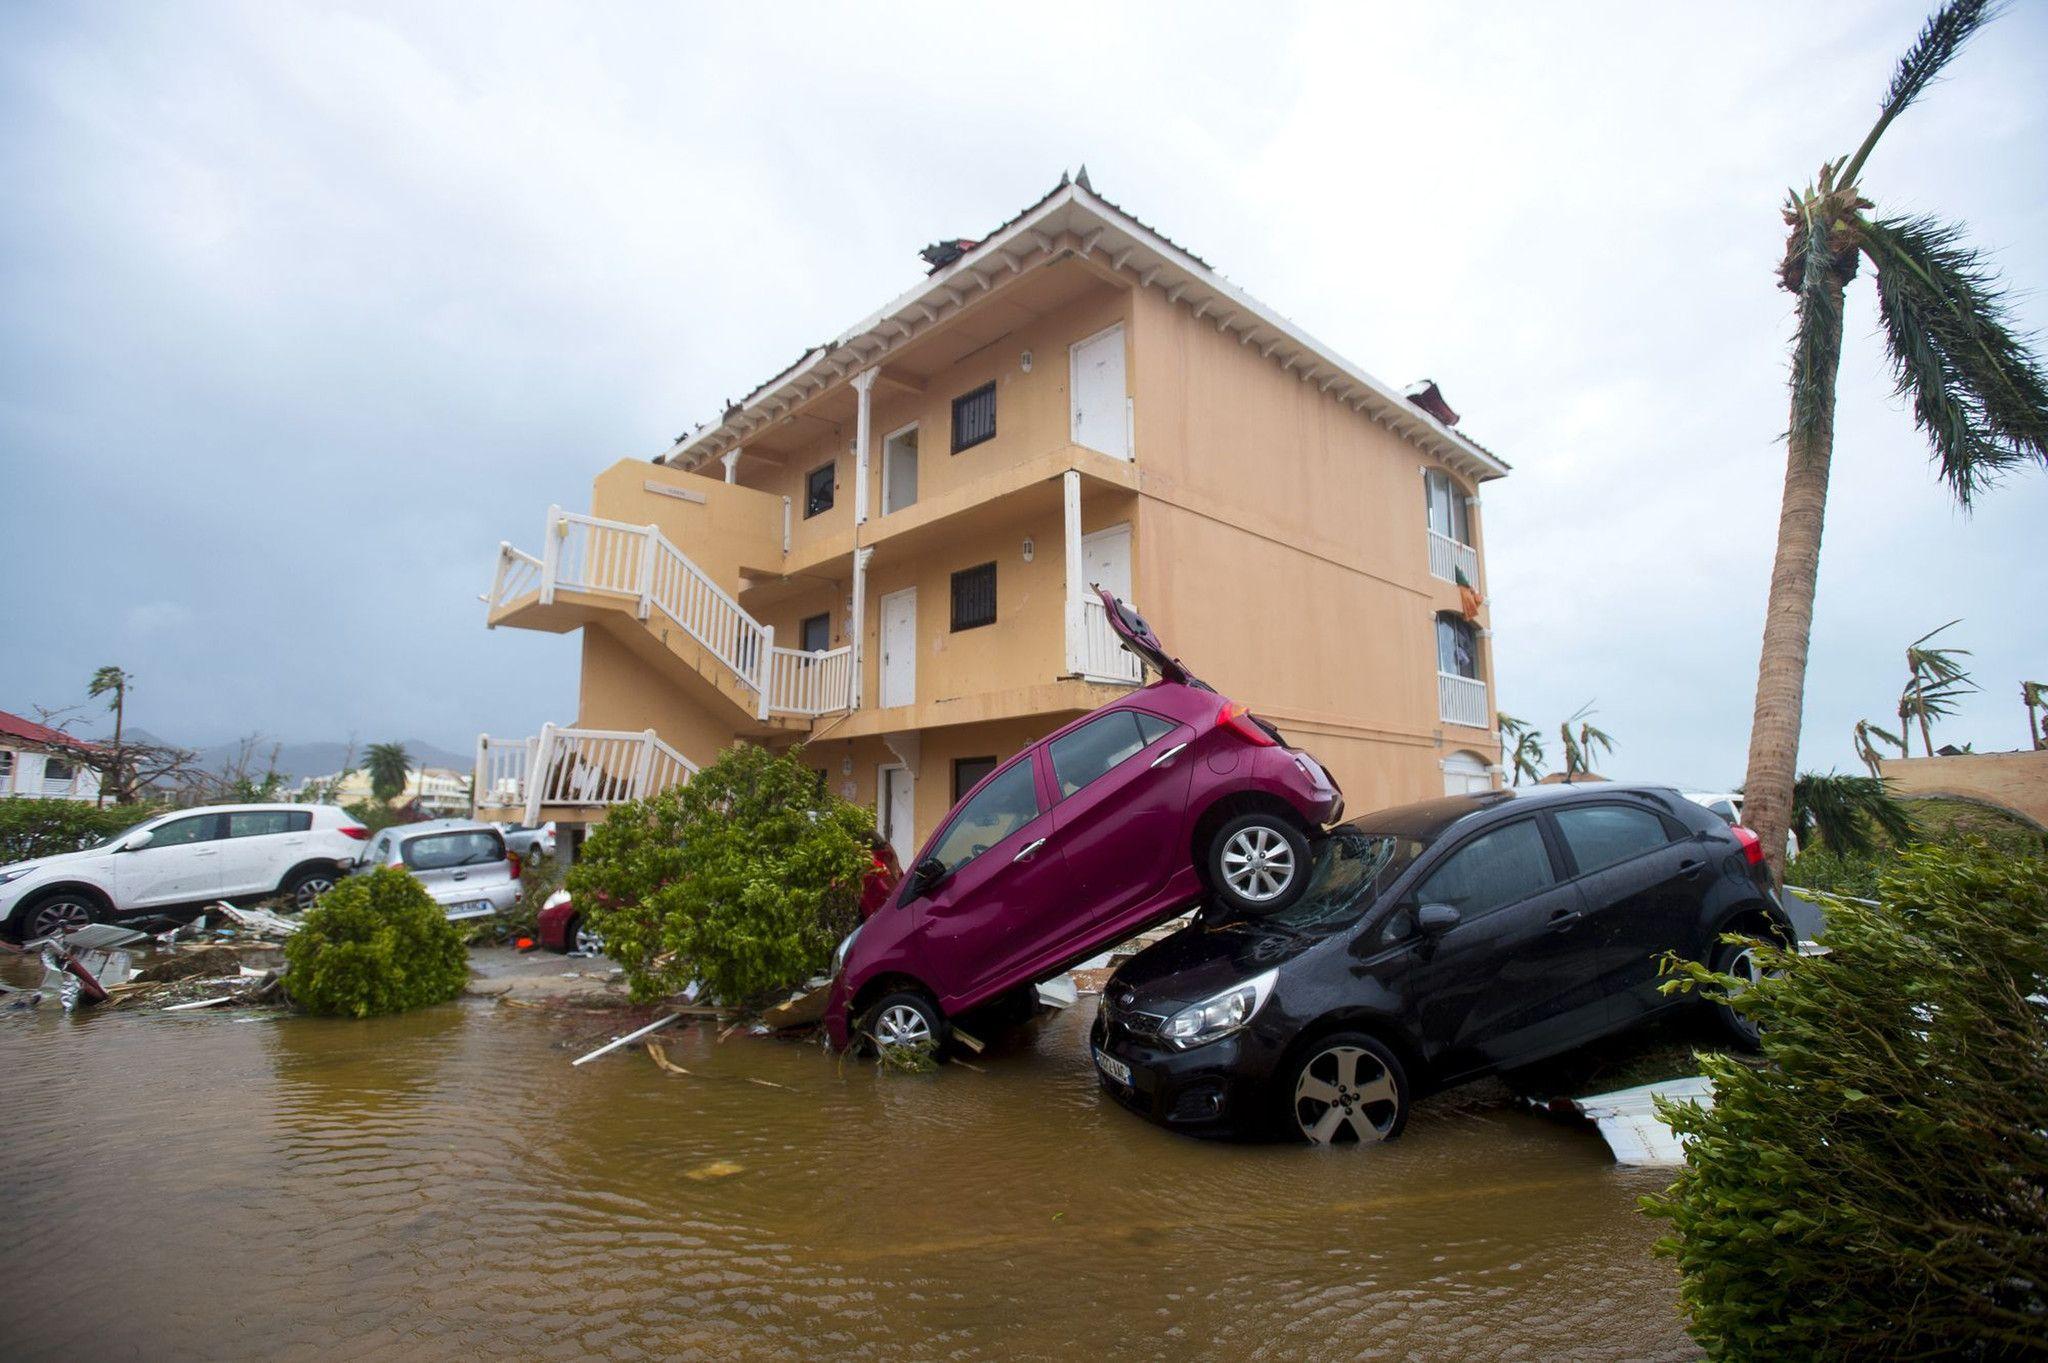 Así quedaron algunos autos tras el paso del Irma por el Caribe